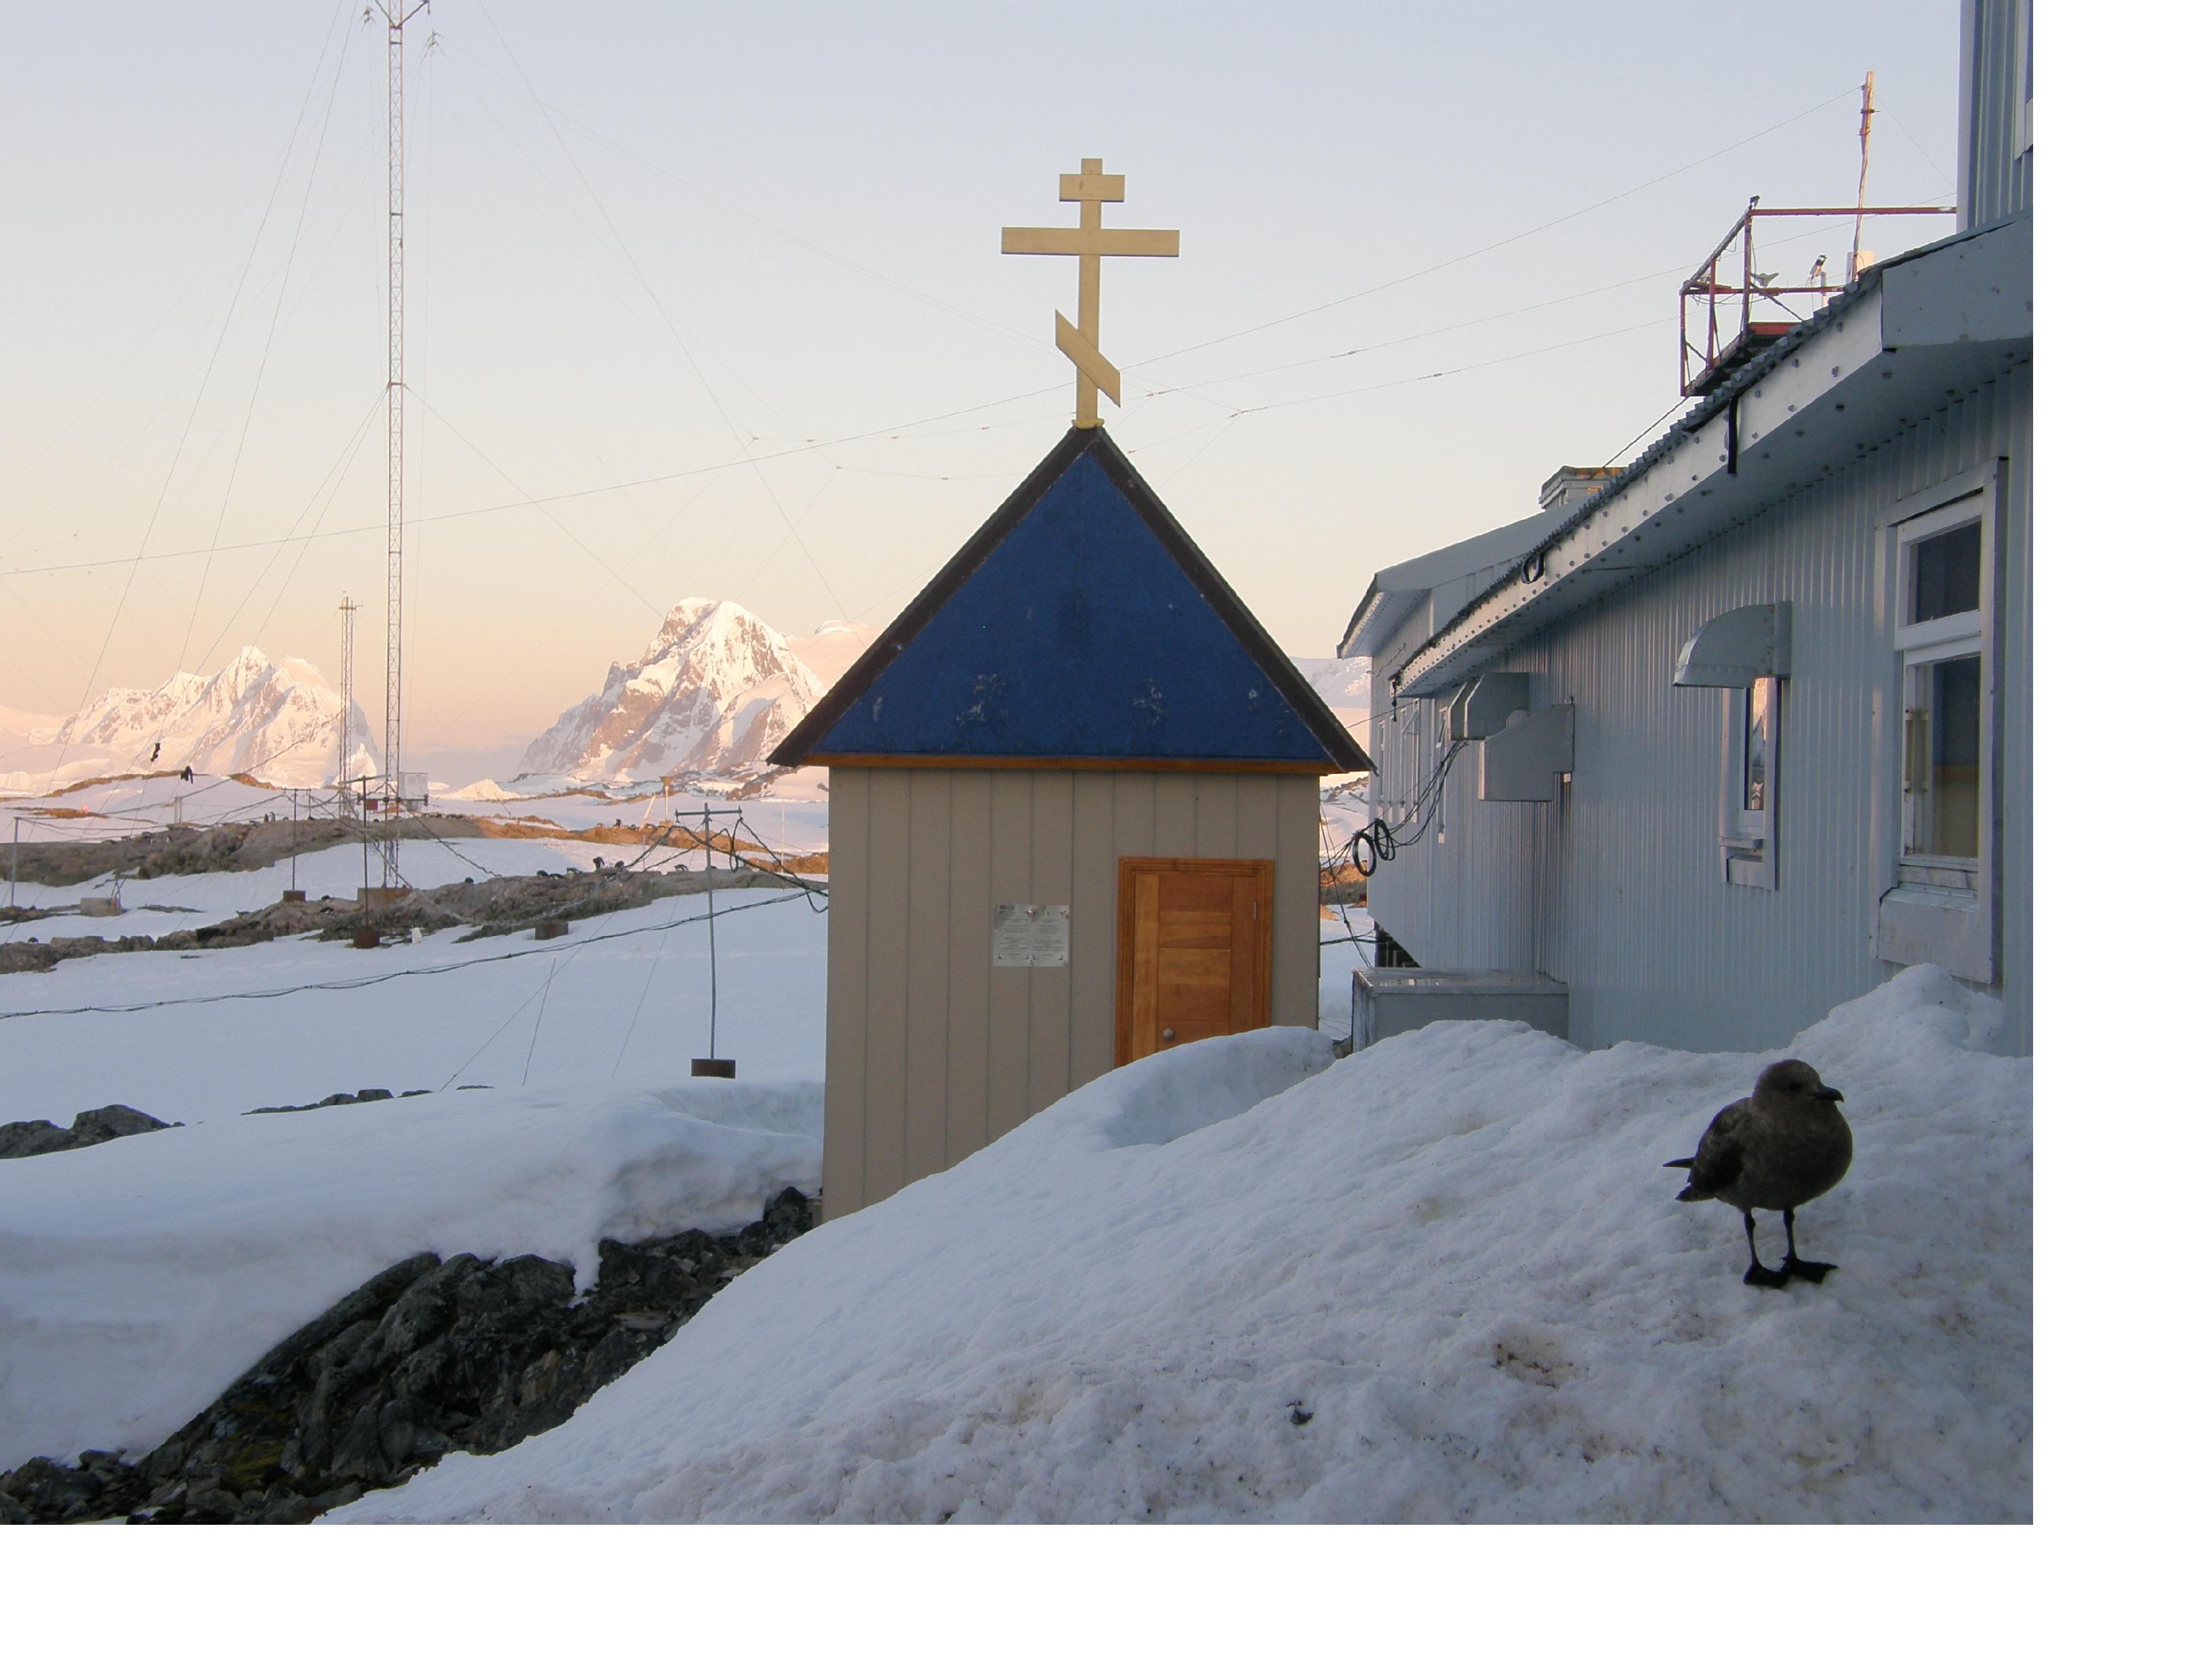 У найпівденнішій каплиці світу на антарктичній станції «Академік Вернадський» українські полярники зустрічають Різдво